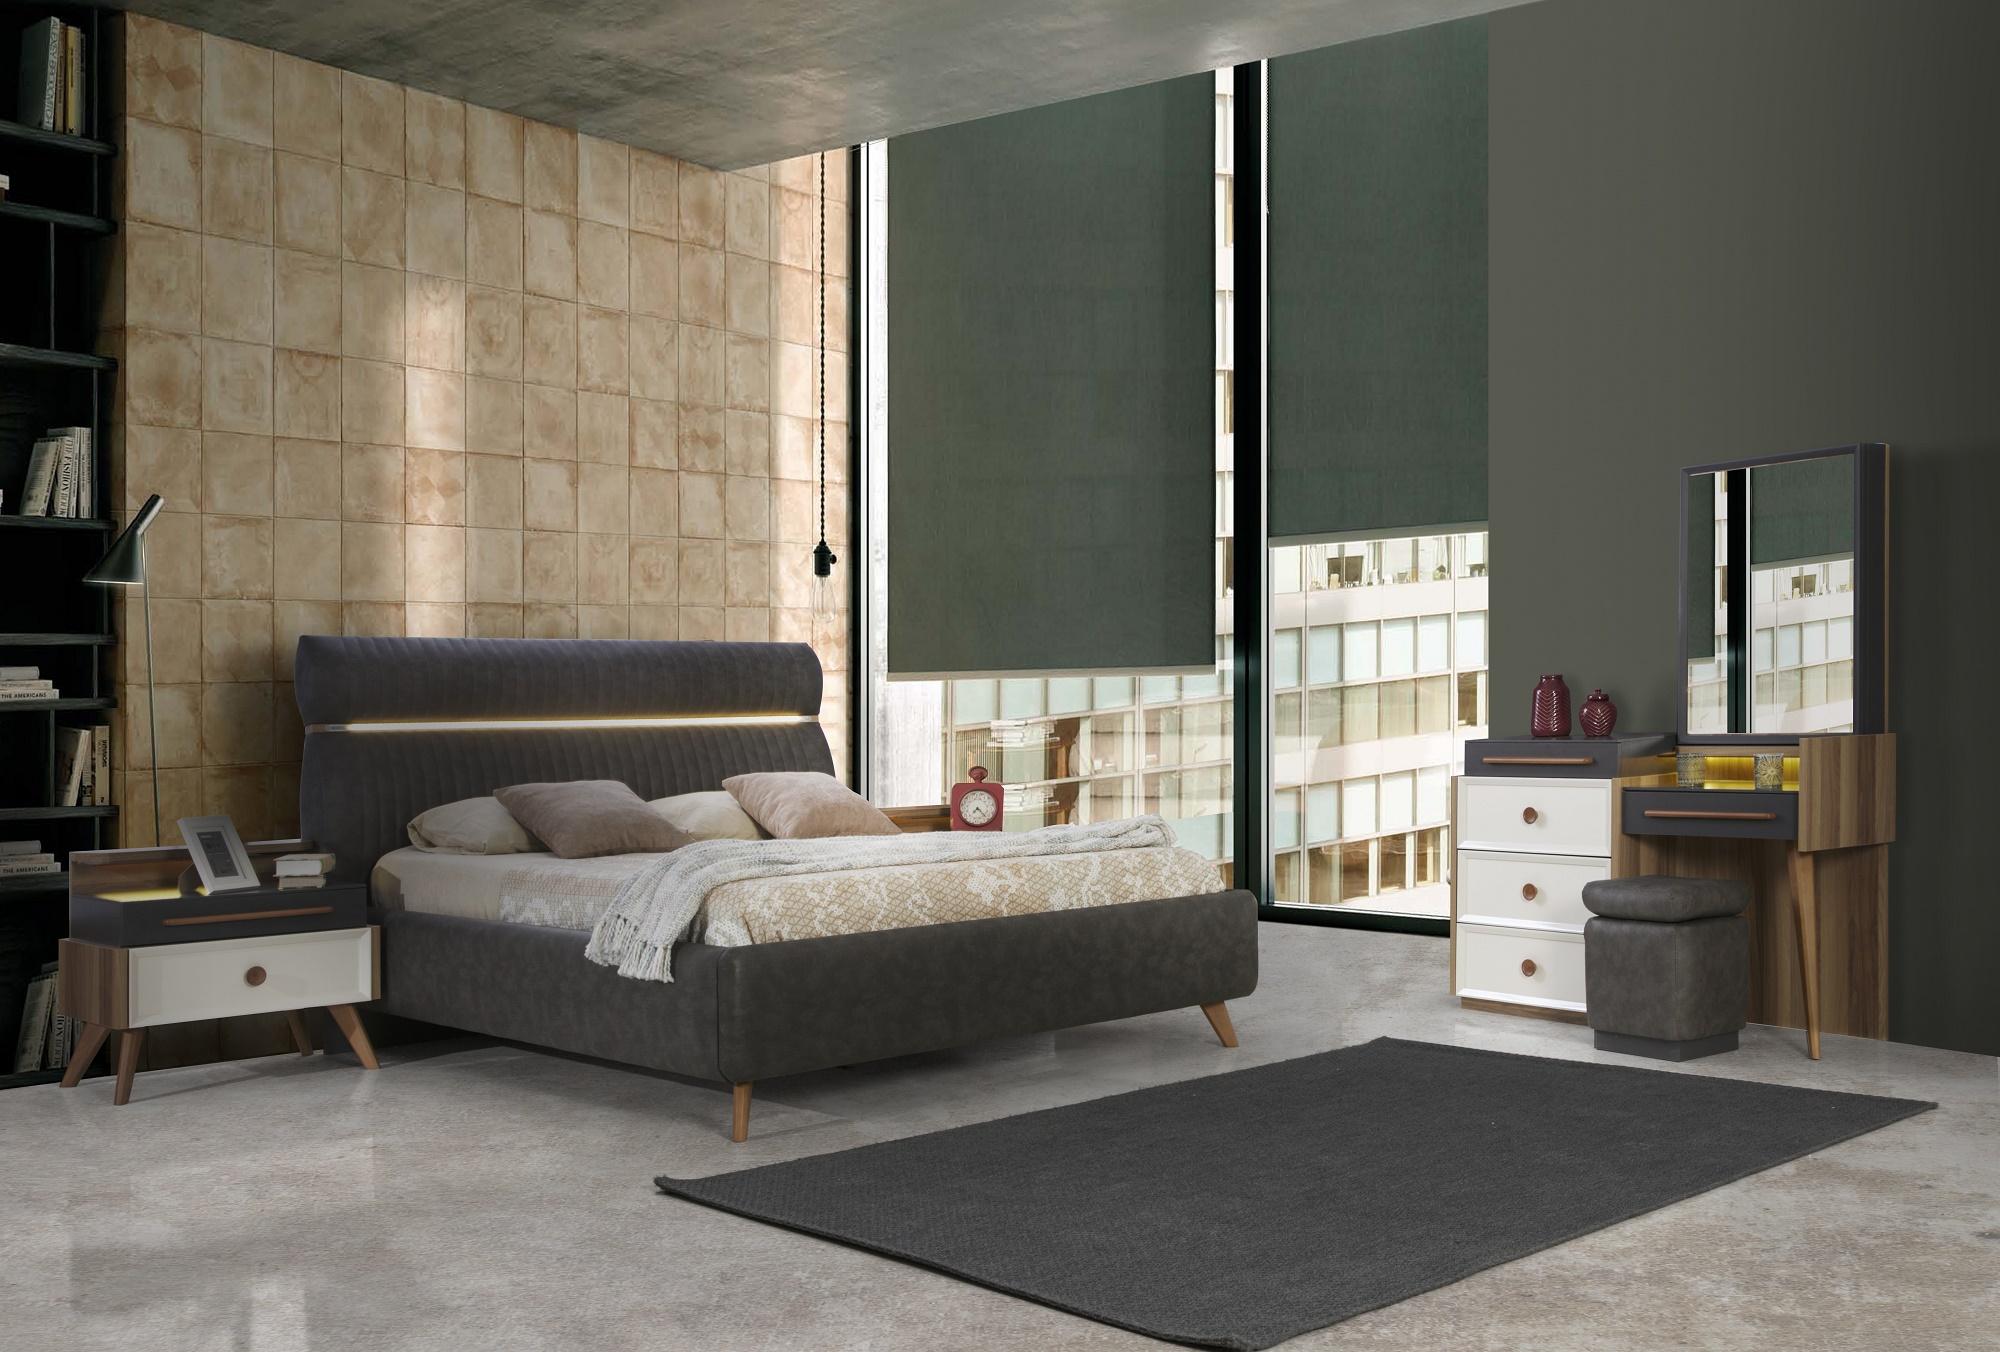 غرفة نوم مودرن باللون الابيض و الاسود و تسريحه و كومودينو